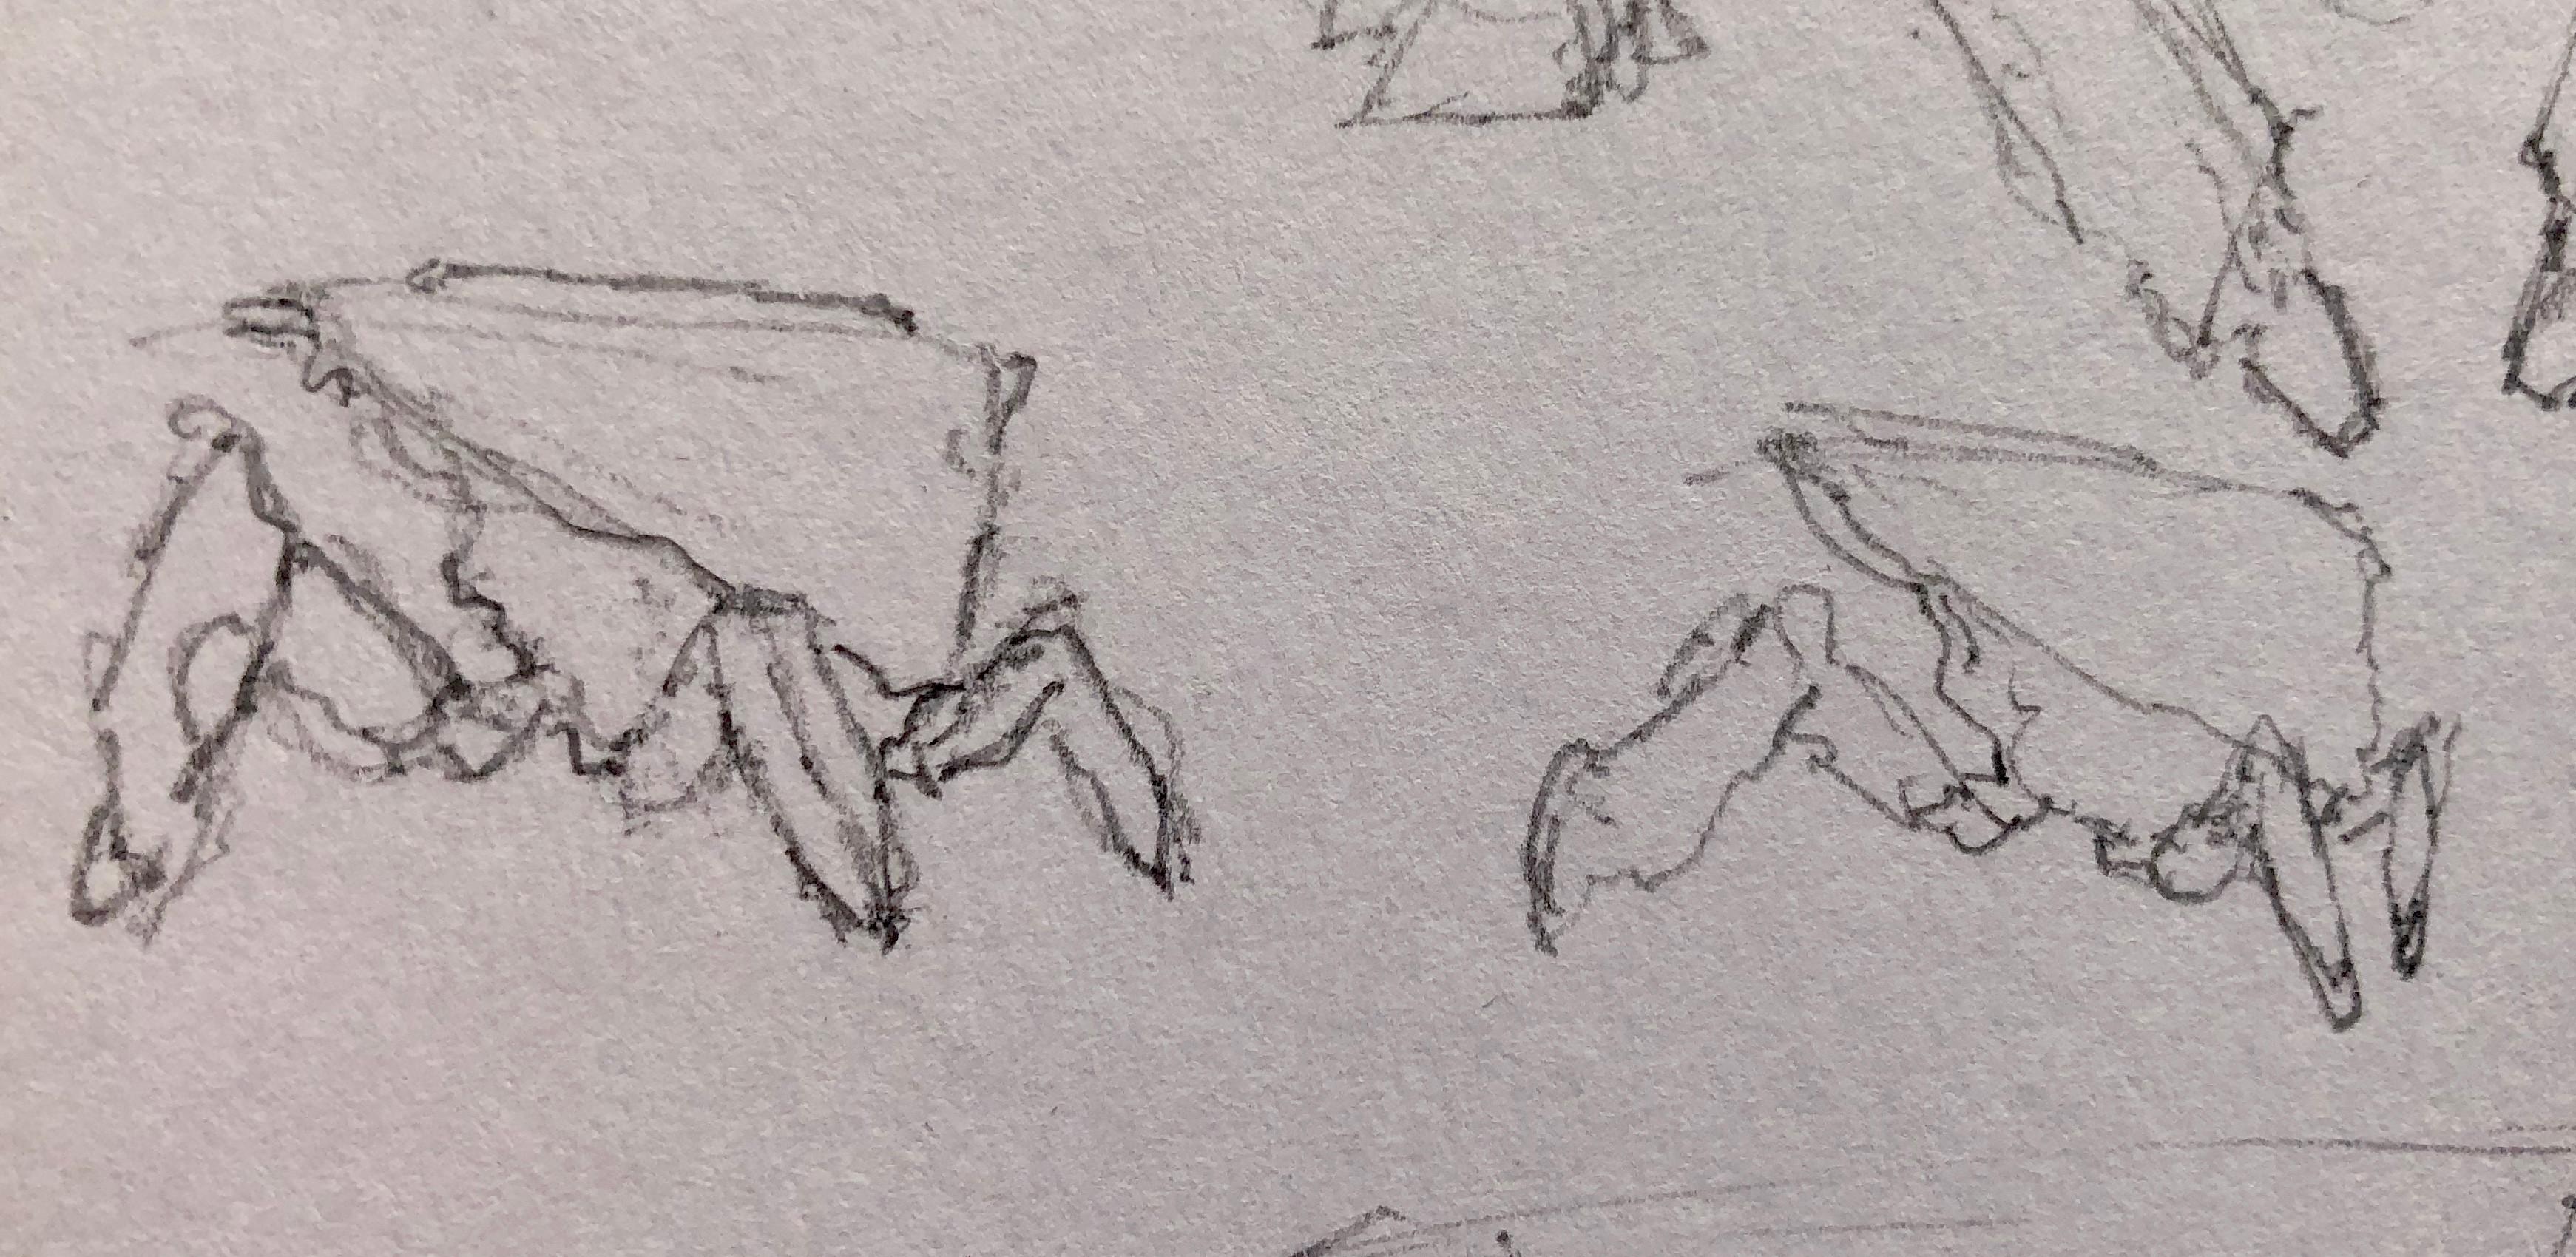 Initial sketchy sketch idea